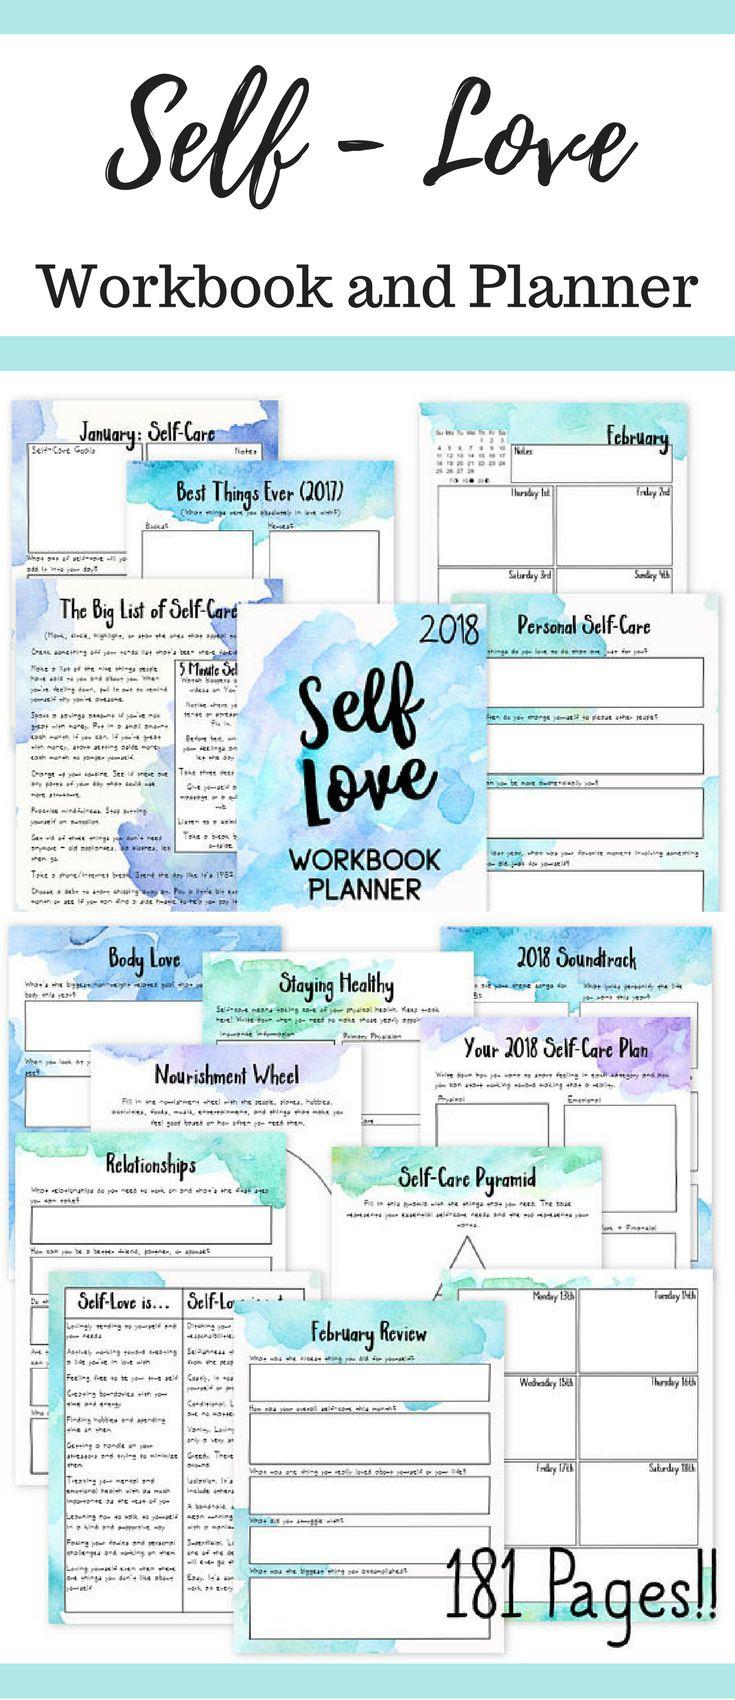 Self Love Workbook and Planner | Self Care Planner | Self Help | Personal Growth | Bullet Journal #ad #selflove #selfcare #workbook #planner #selfhelp #planneraddict #plannerlove #plannercommunity #plannergirl #printable #instantdownload #digital